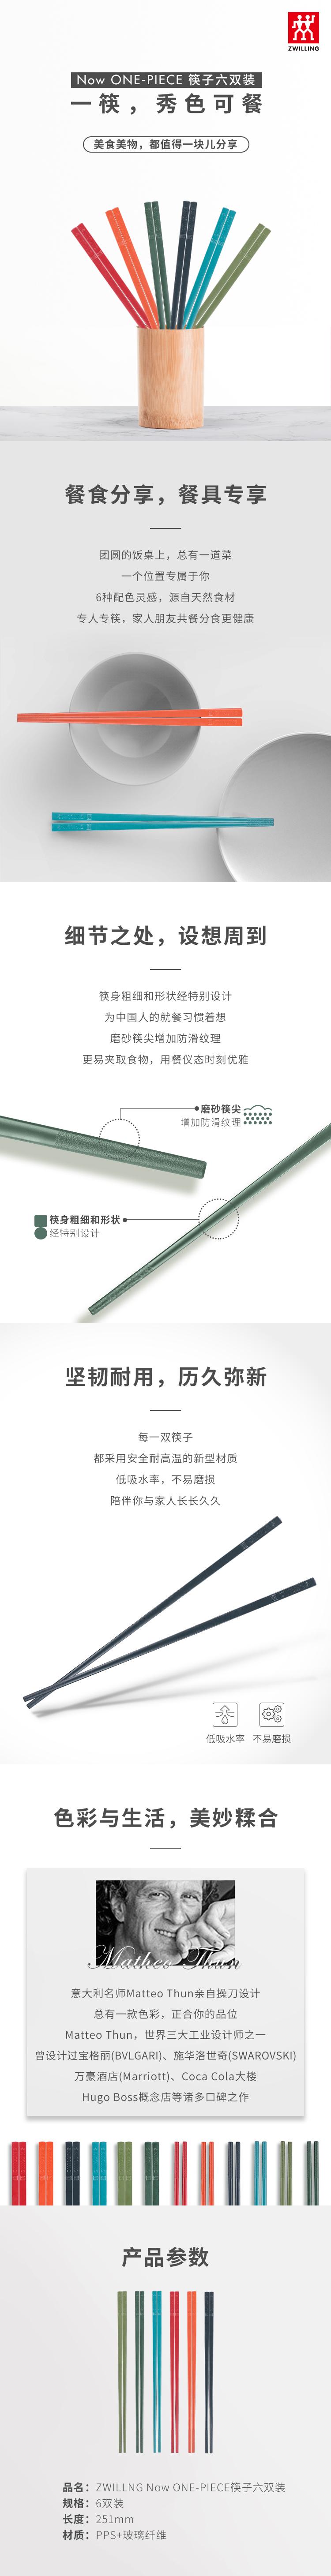 Zwilling 双立人 一人一筷家用彩色筷子 6双 图2